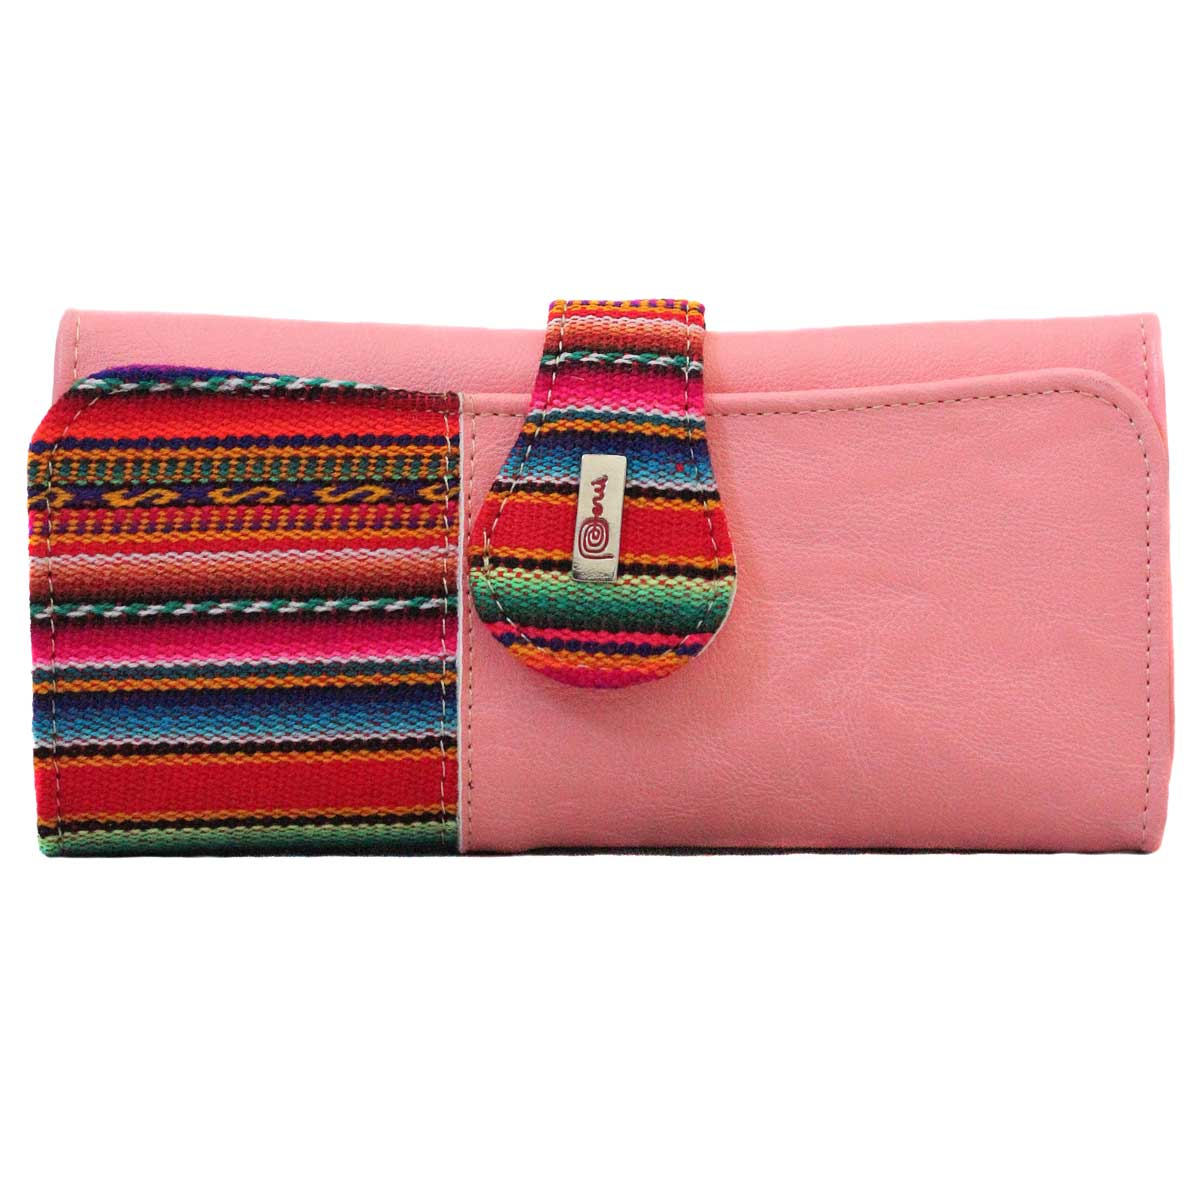 Inka-Products-Portefeuille Péruvien SUMAQ-Rose Claire Coloré Ethnique